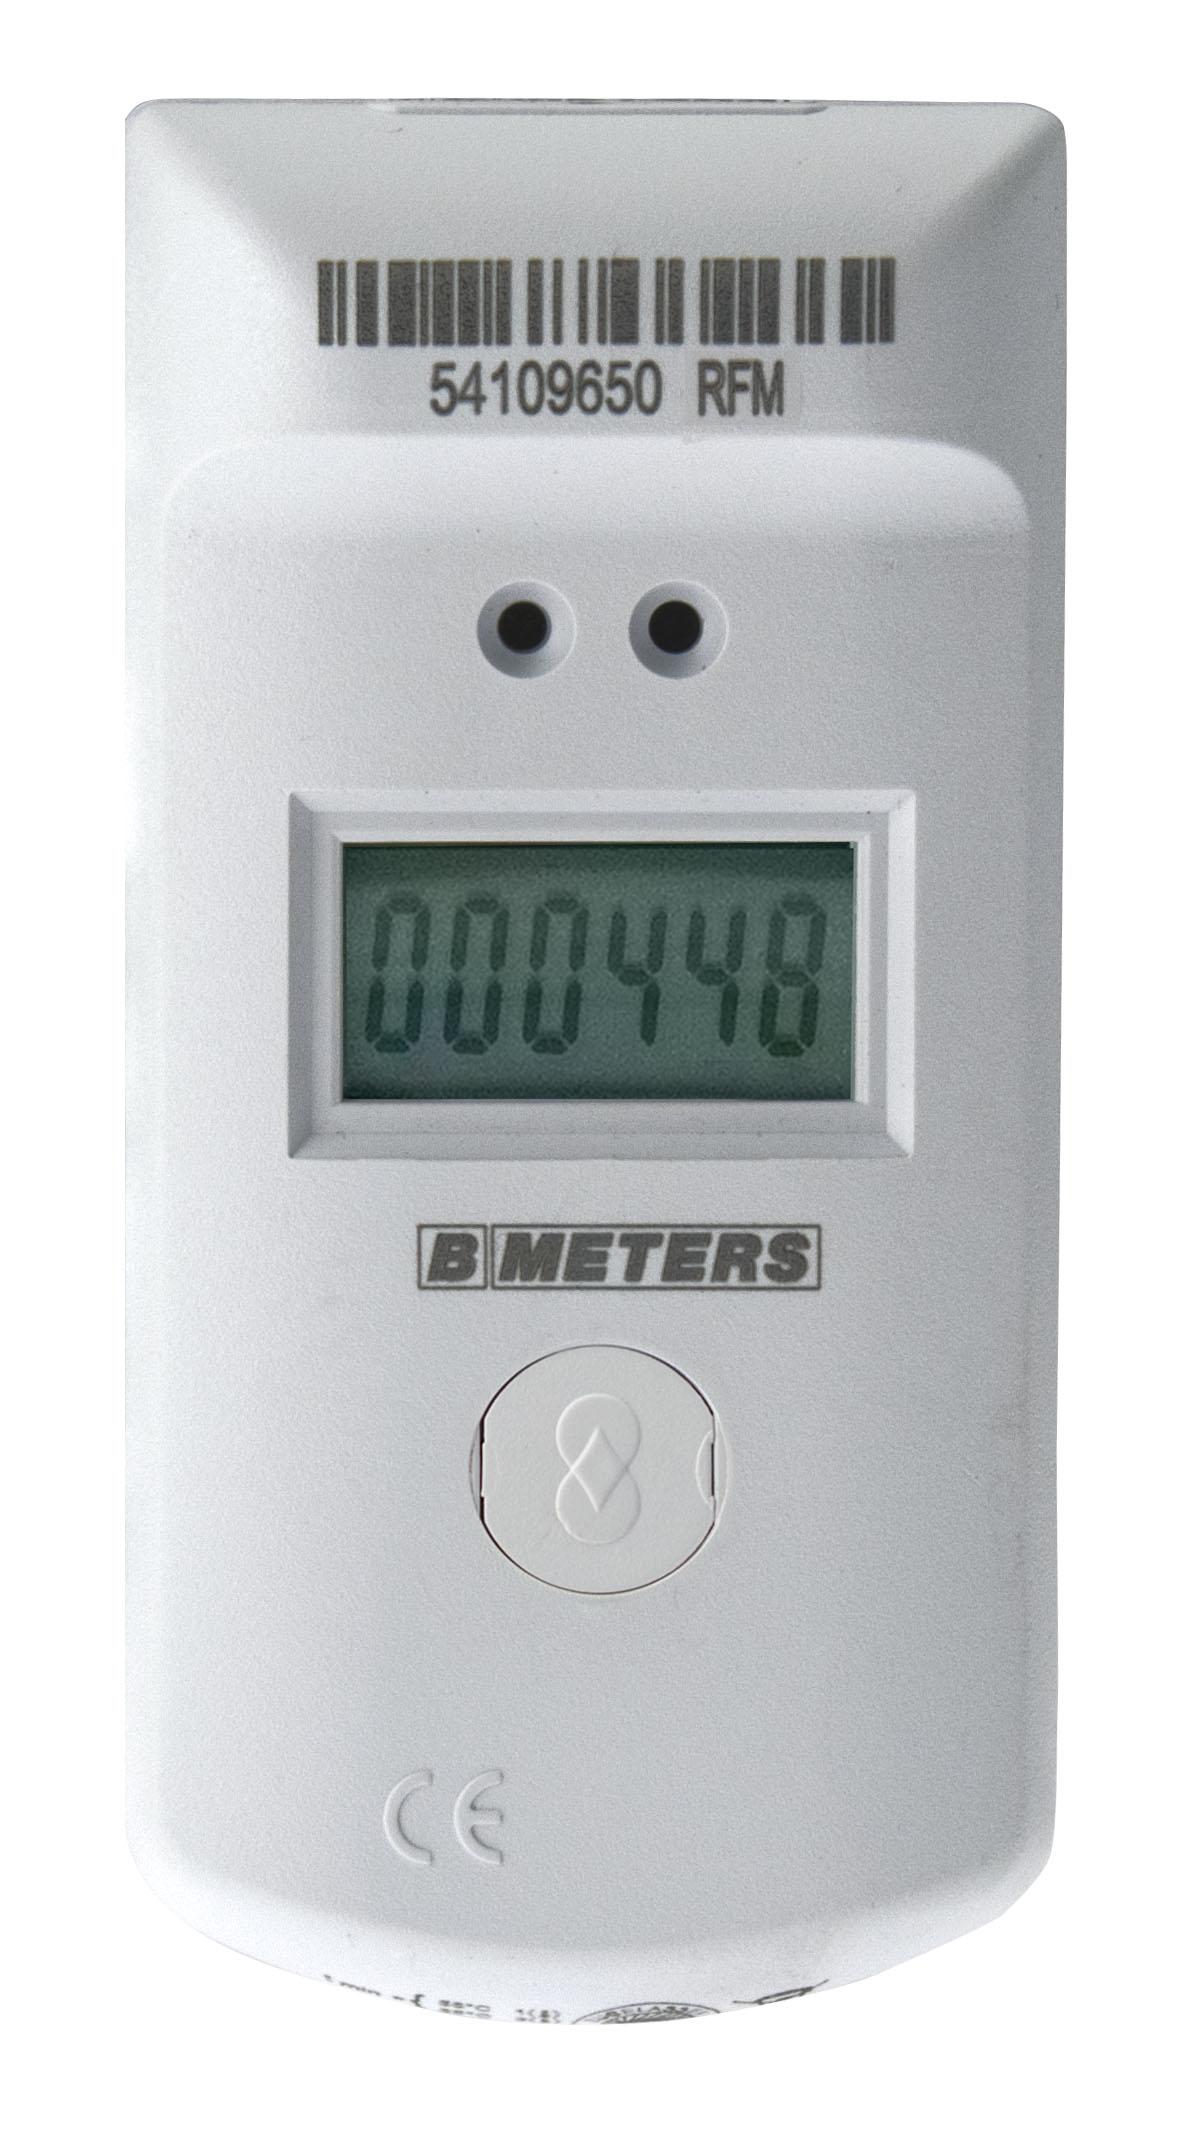 poměrový měřič tepla na radiátory